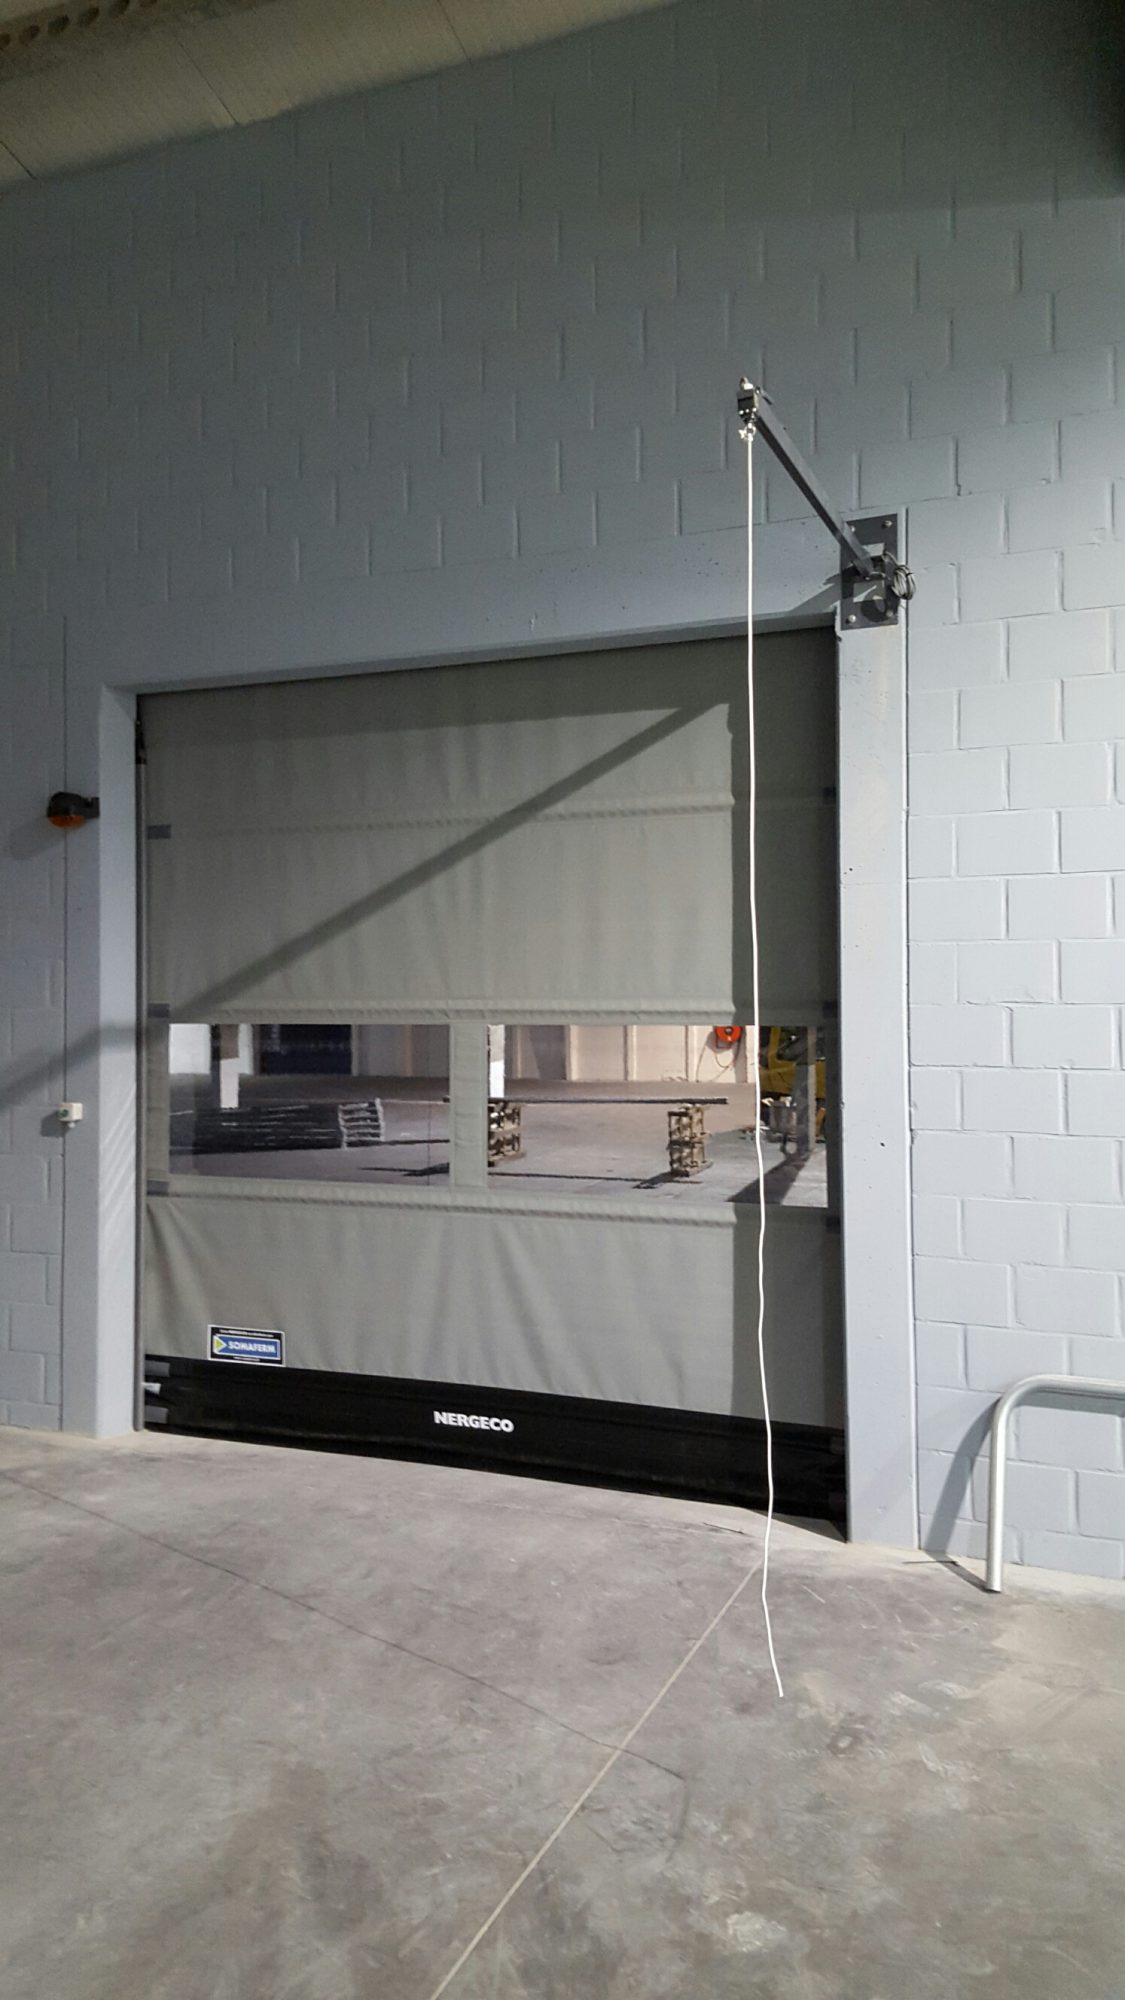 Porte rapide nergeco assa abloy en composite somaferm for Porte a enroulement